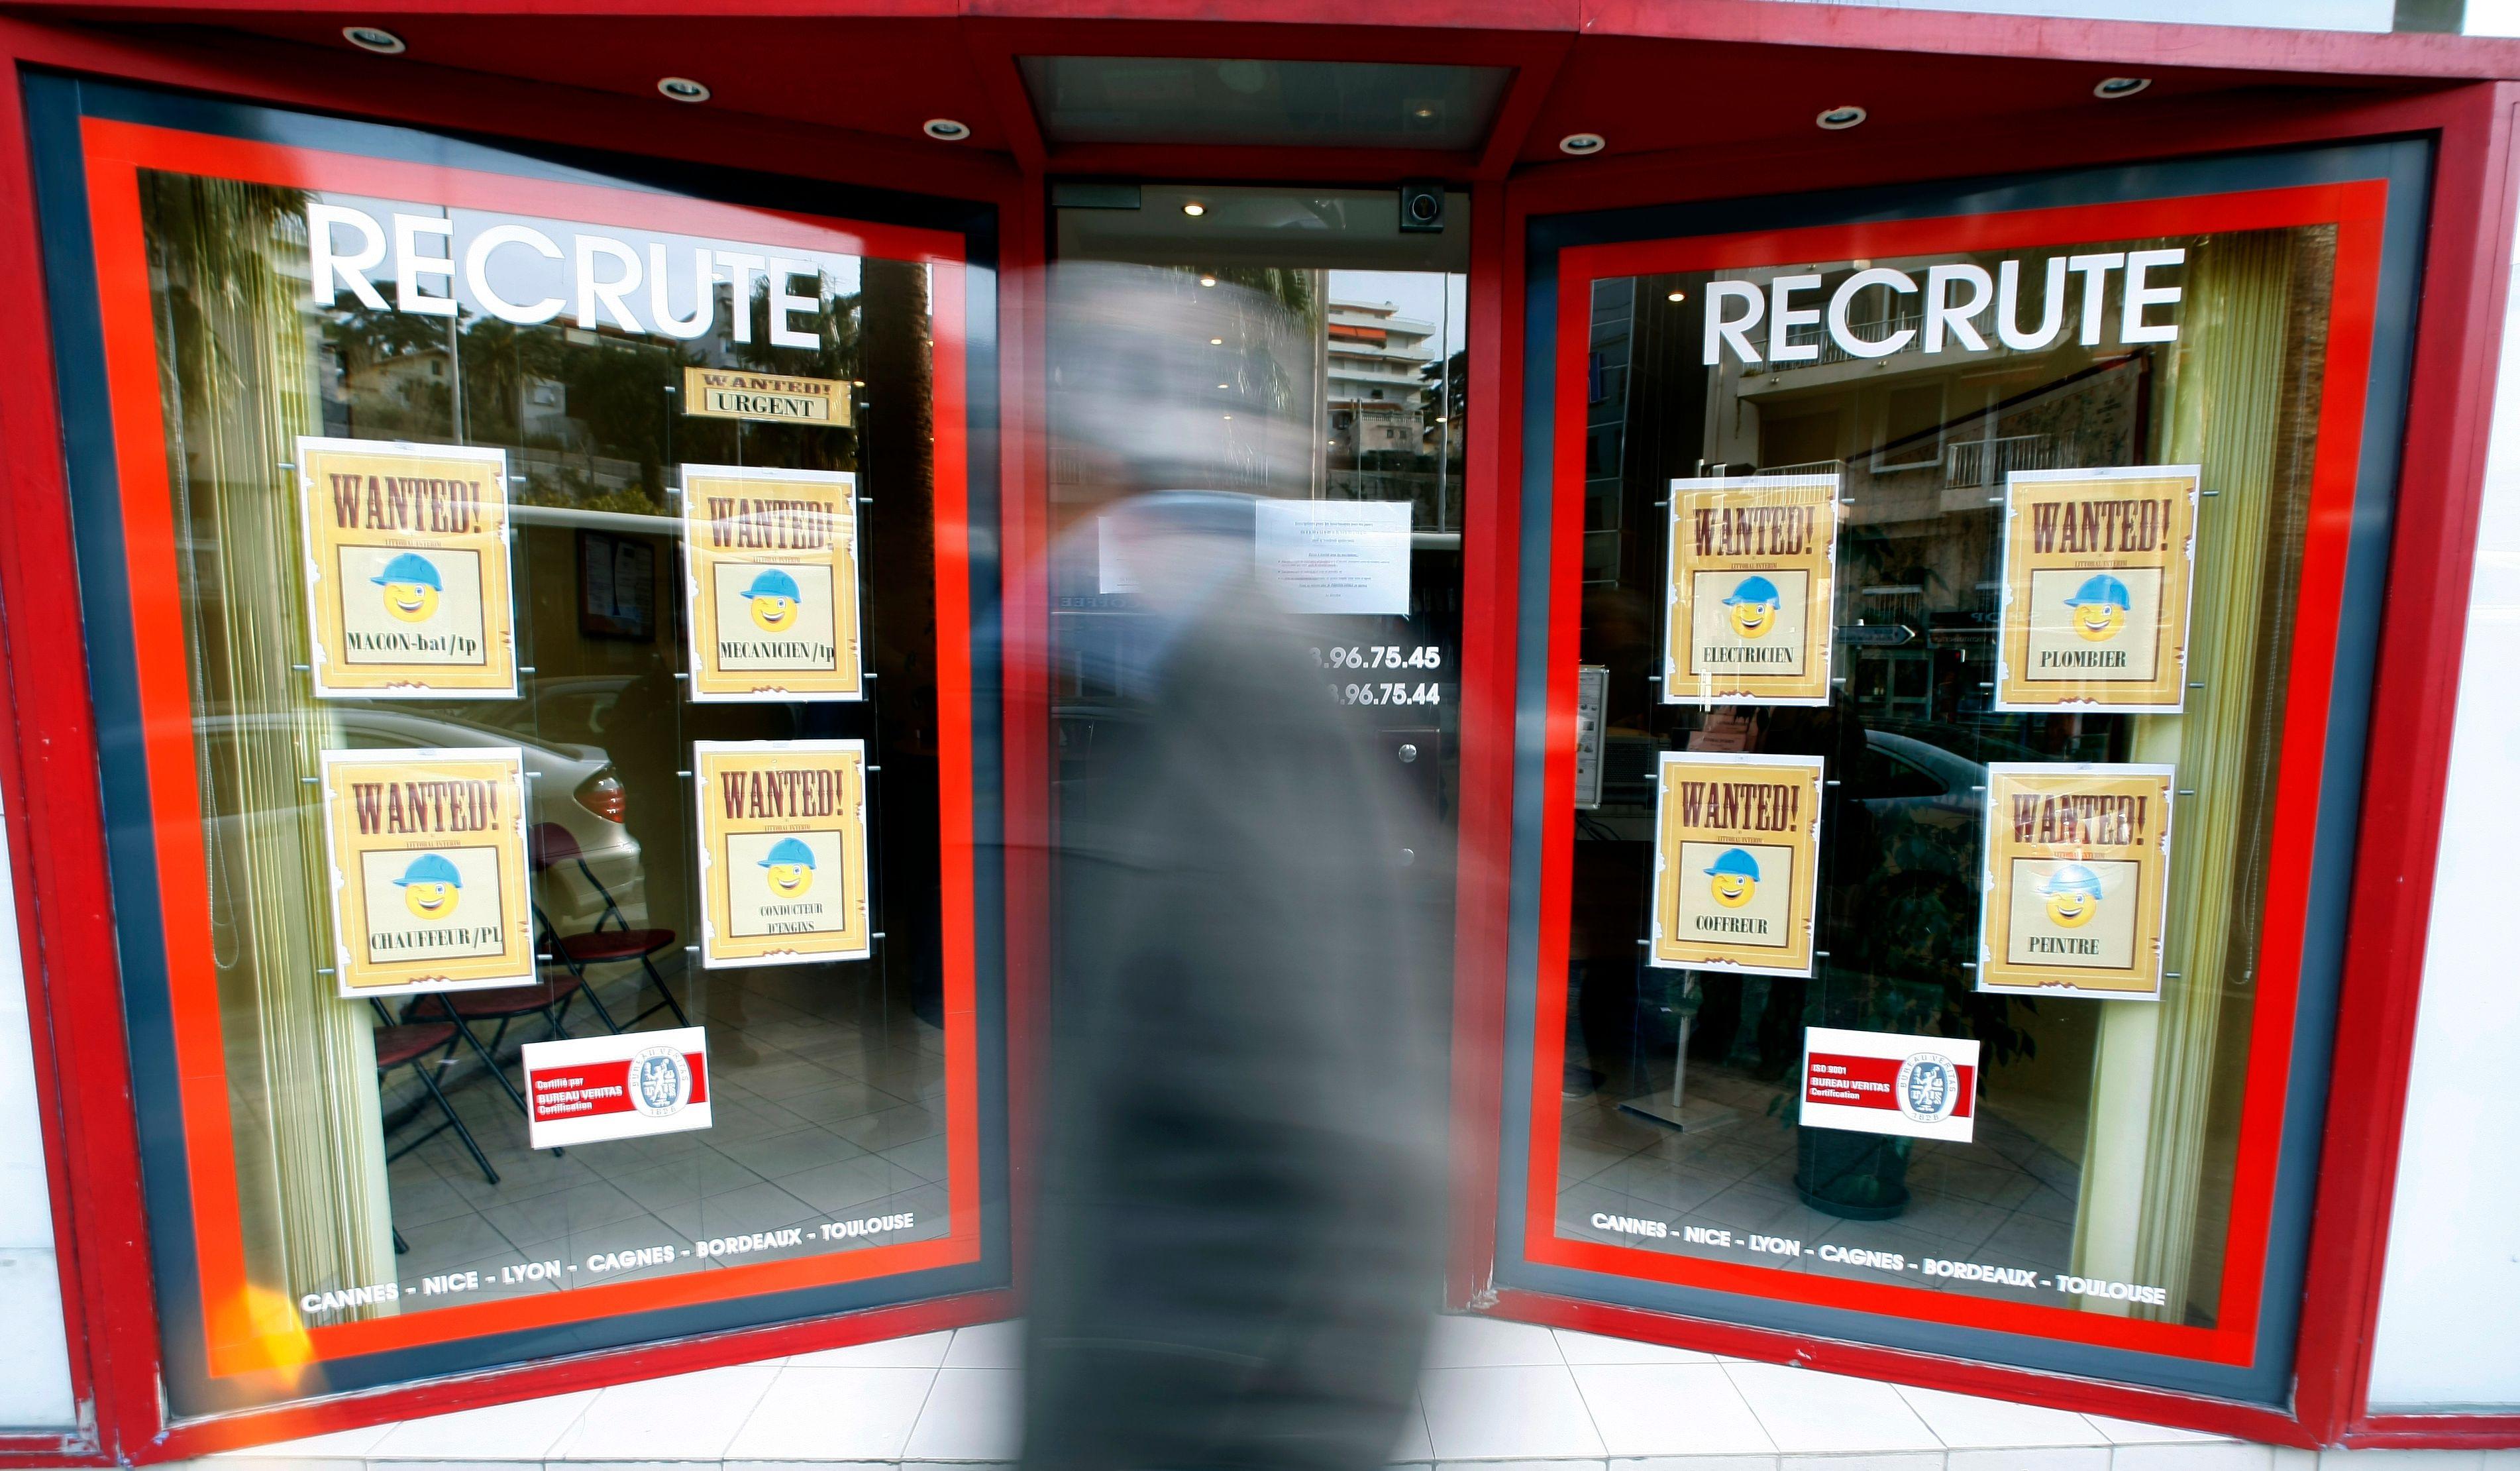 Relèvement des indemnités de licenciement et doublement du plafond des auto-entrepreneurs : ces mauvaises surprises de la rentrée pour l'emploi dans les PME